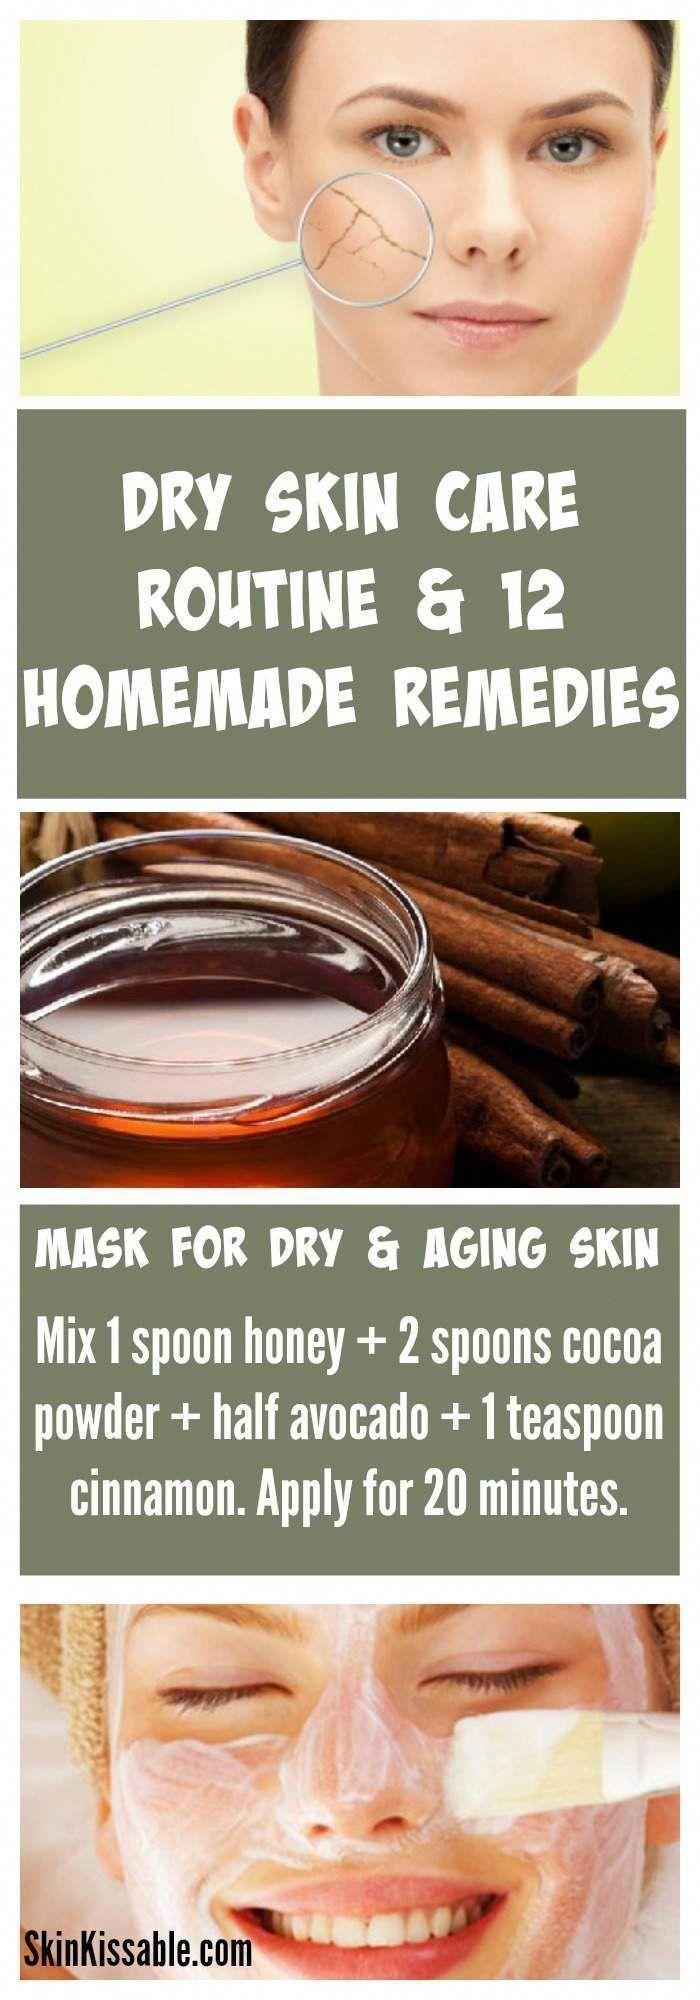 Face Skin Care, werden Sie nicht Schritte zur Hautpflege lieben, die Ihnen eine gute Hand geb…